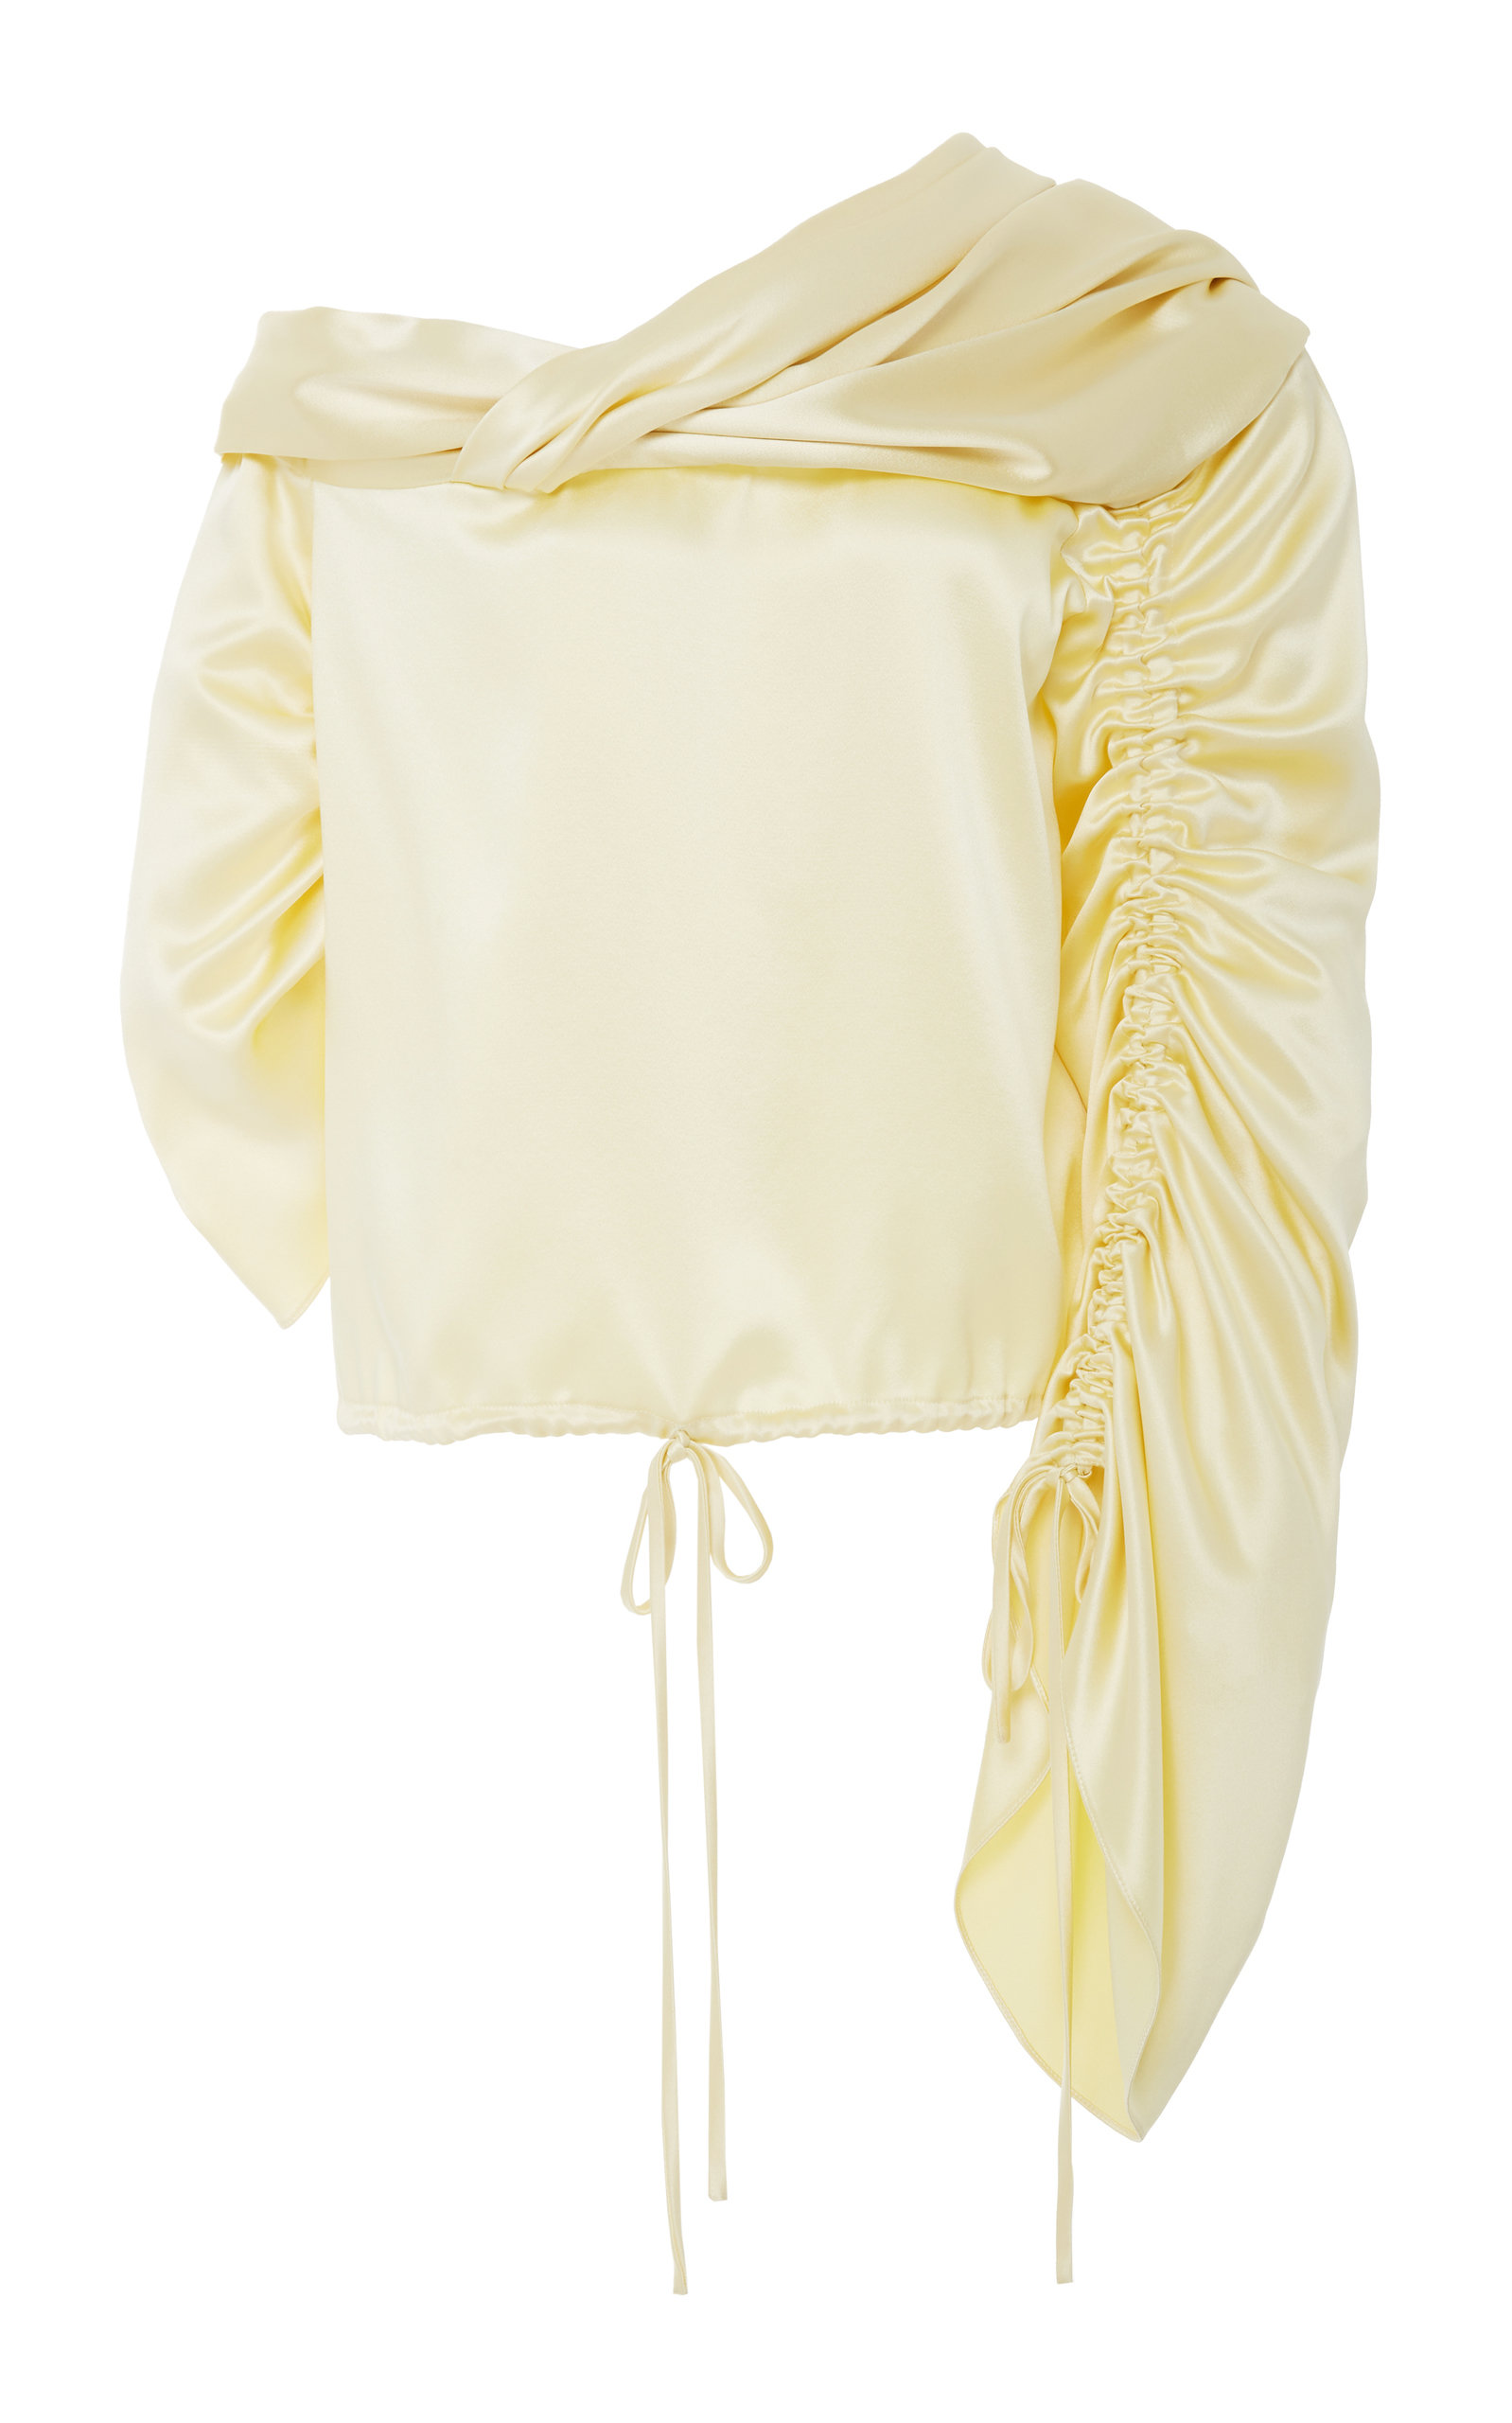 baf8aed5586dd HellessySunshine Silk Off Shoulder Top. CLOSE. Loading